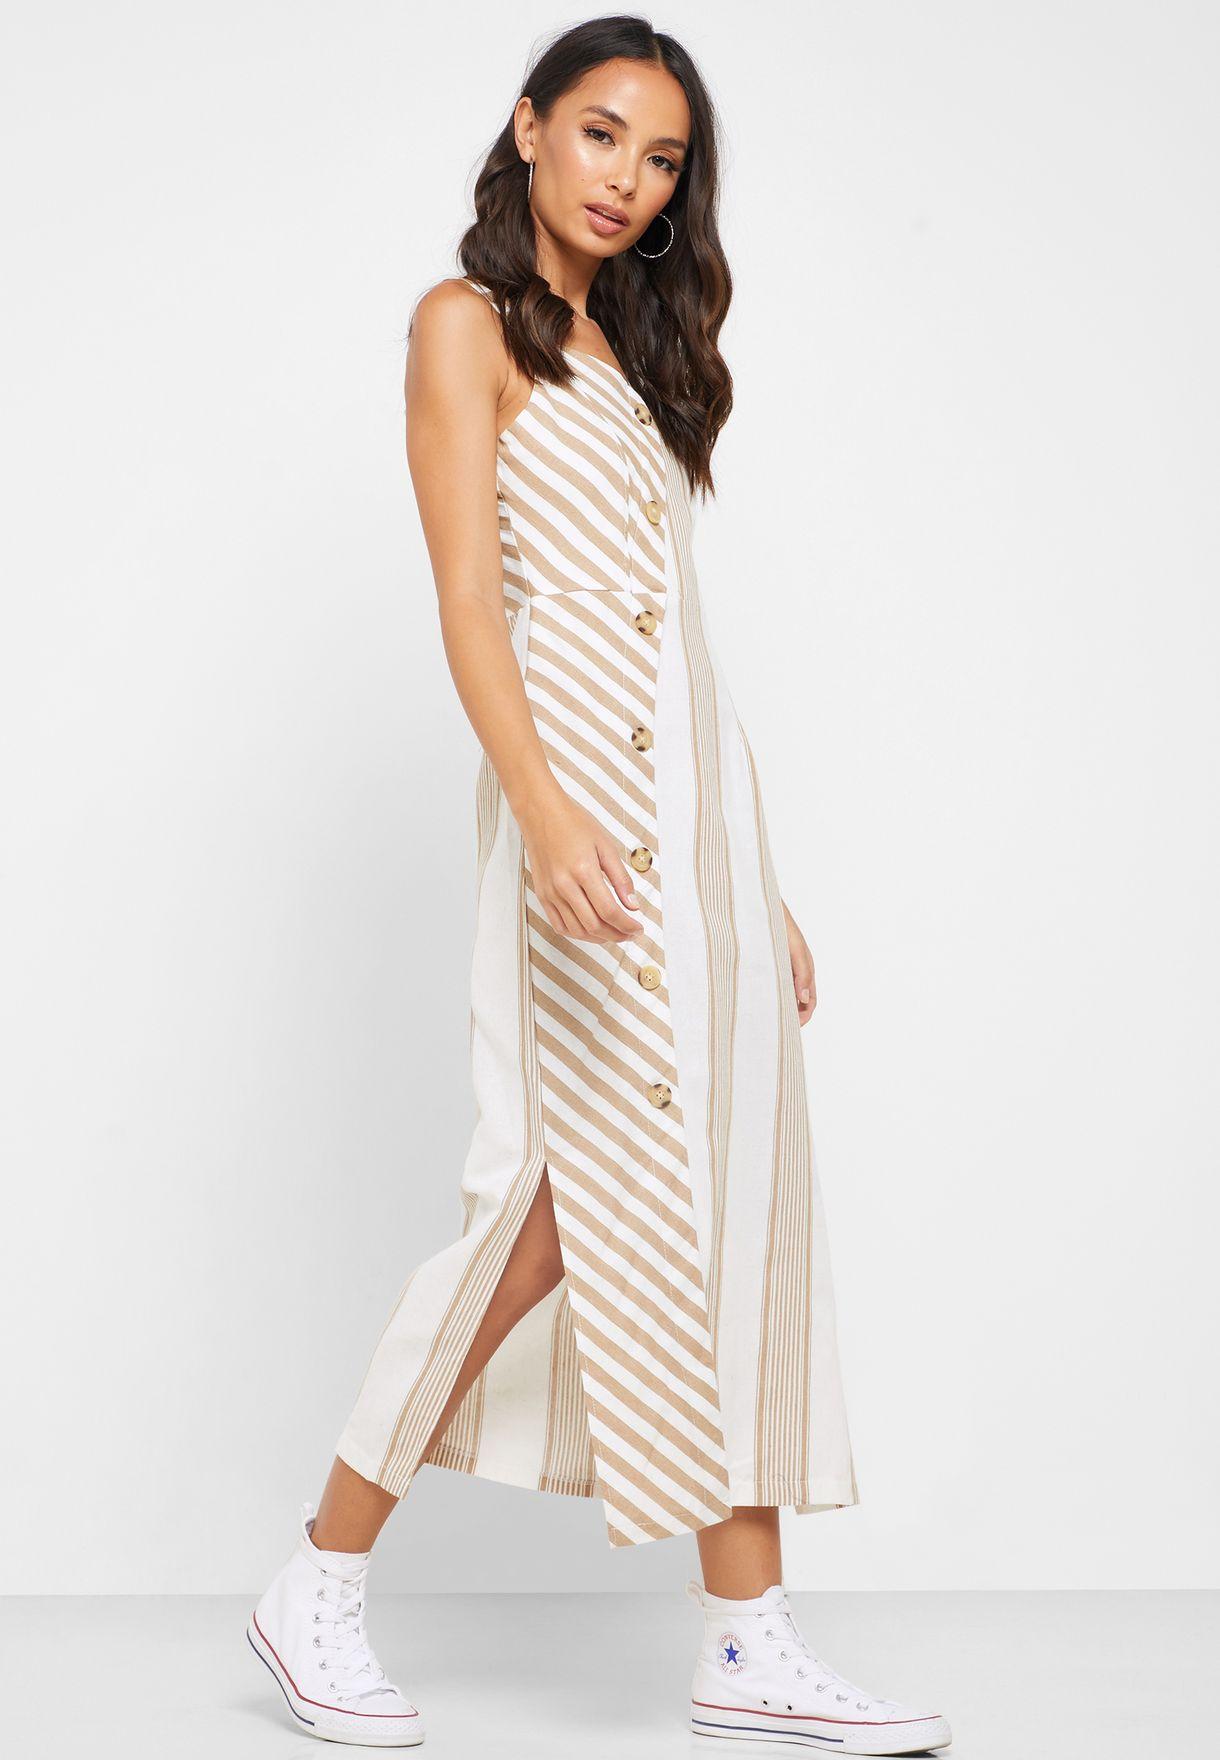 فستان بطبعات خطوط وازرار امامية